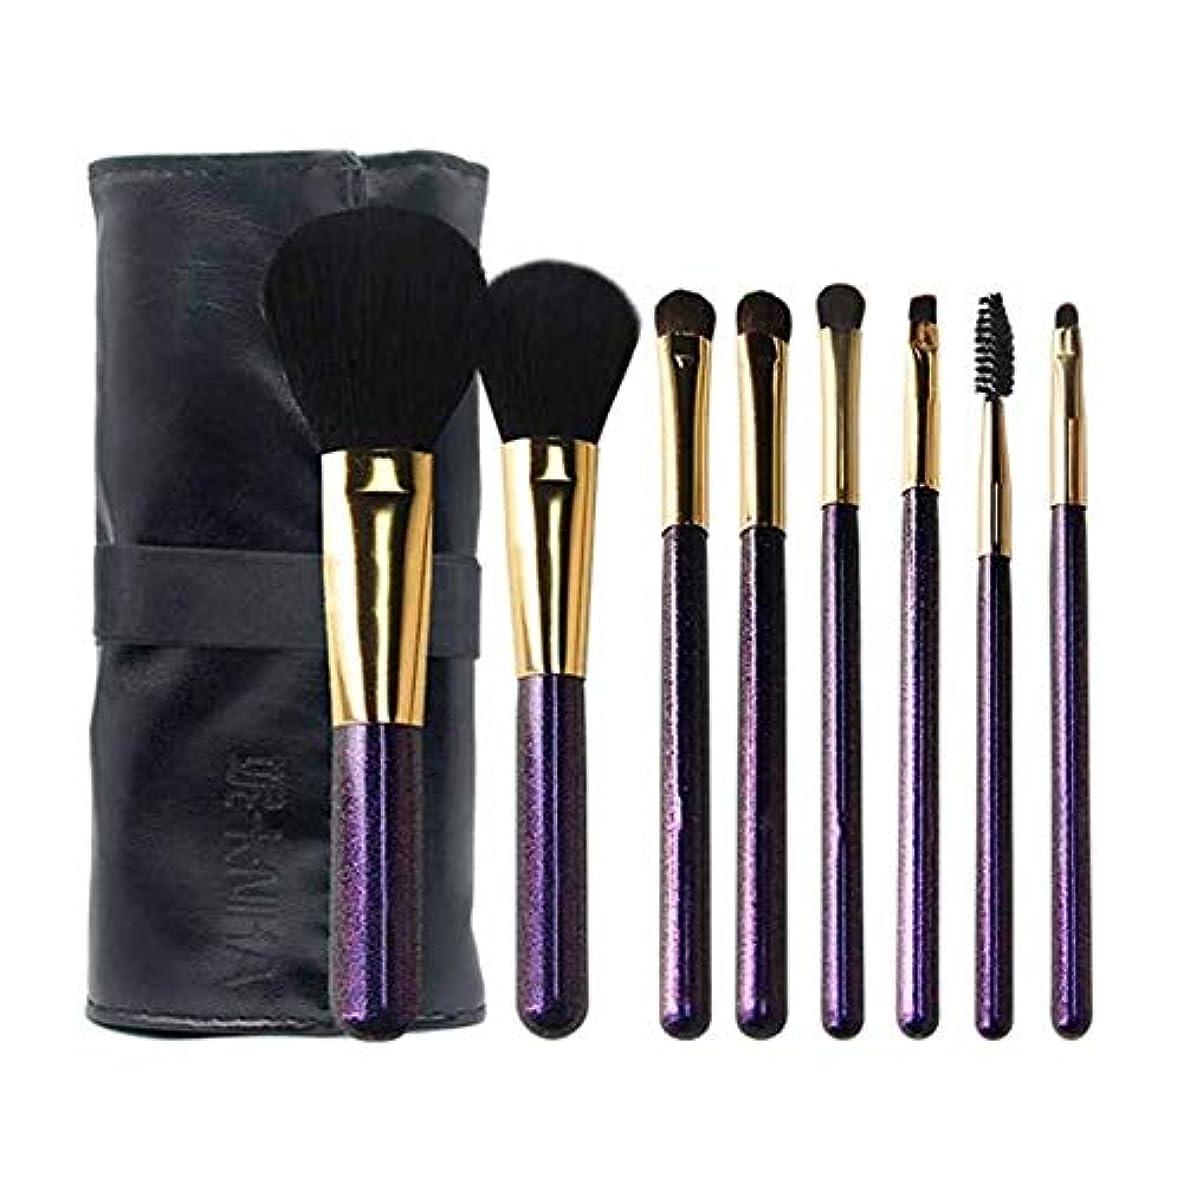 国弁護人疑問に思うTUOFL メイクブラシ、8スティックメイクブラシセット、プロフェッショナルメイクアップツール、高品質ファイバー髪、ソフトで滑らかな髪、快適な肌、パープル (Color : Purple)